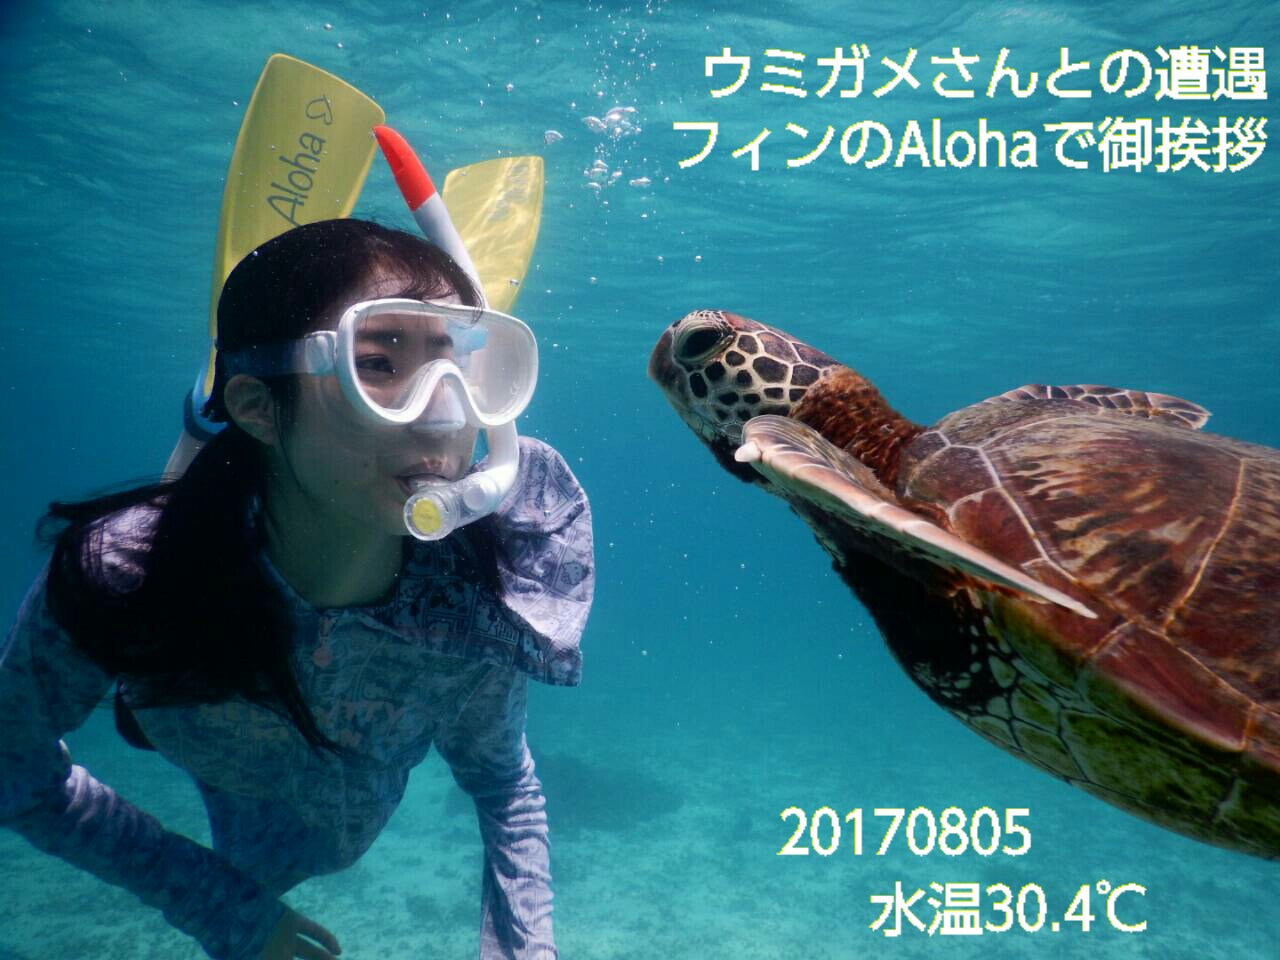 宮古島ウミガメと遭遇